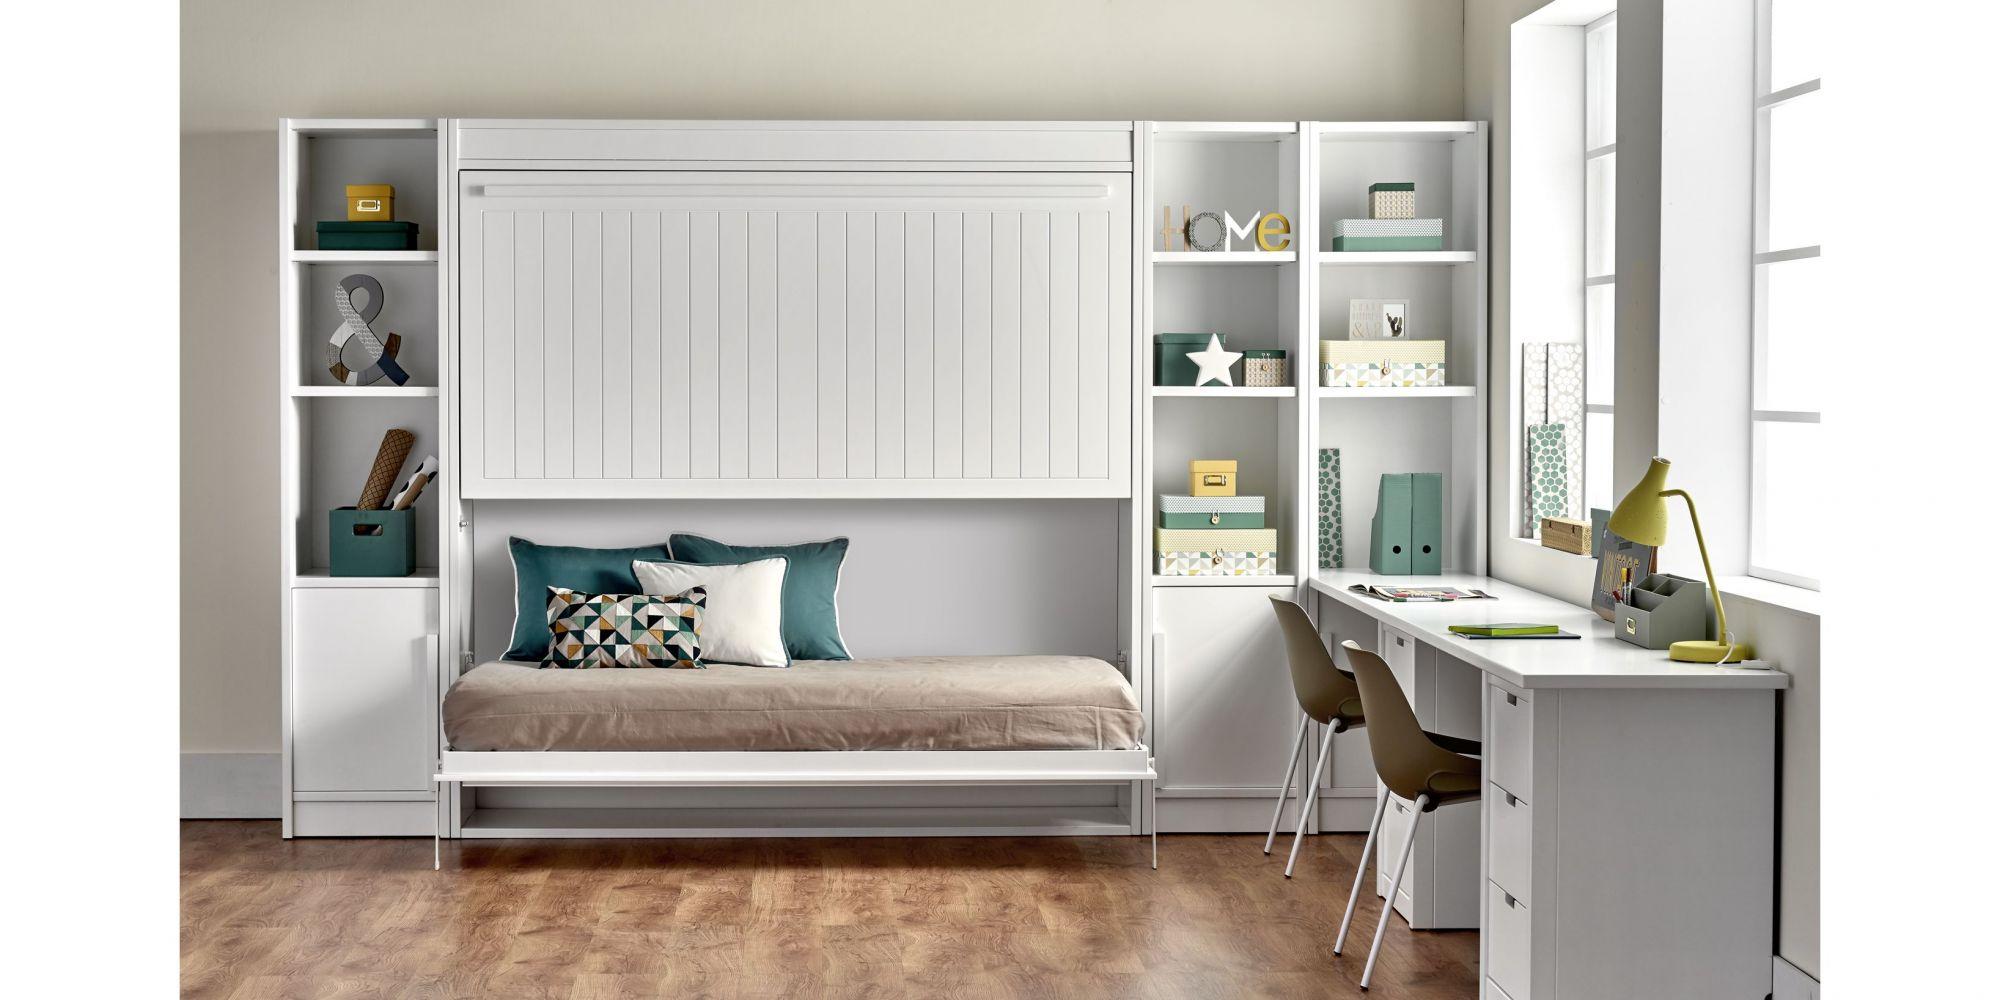 Habitación con litera de dos camas abatible y mesa de estudio